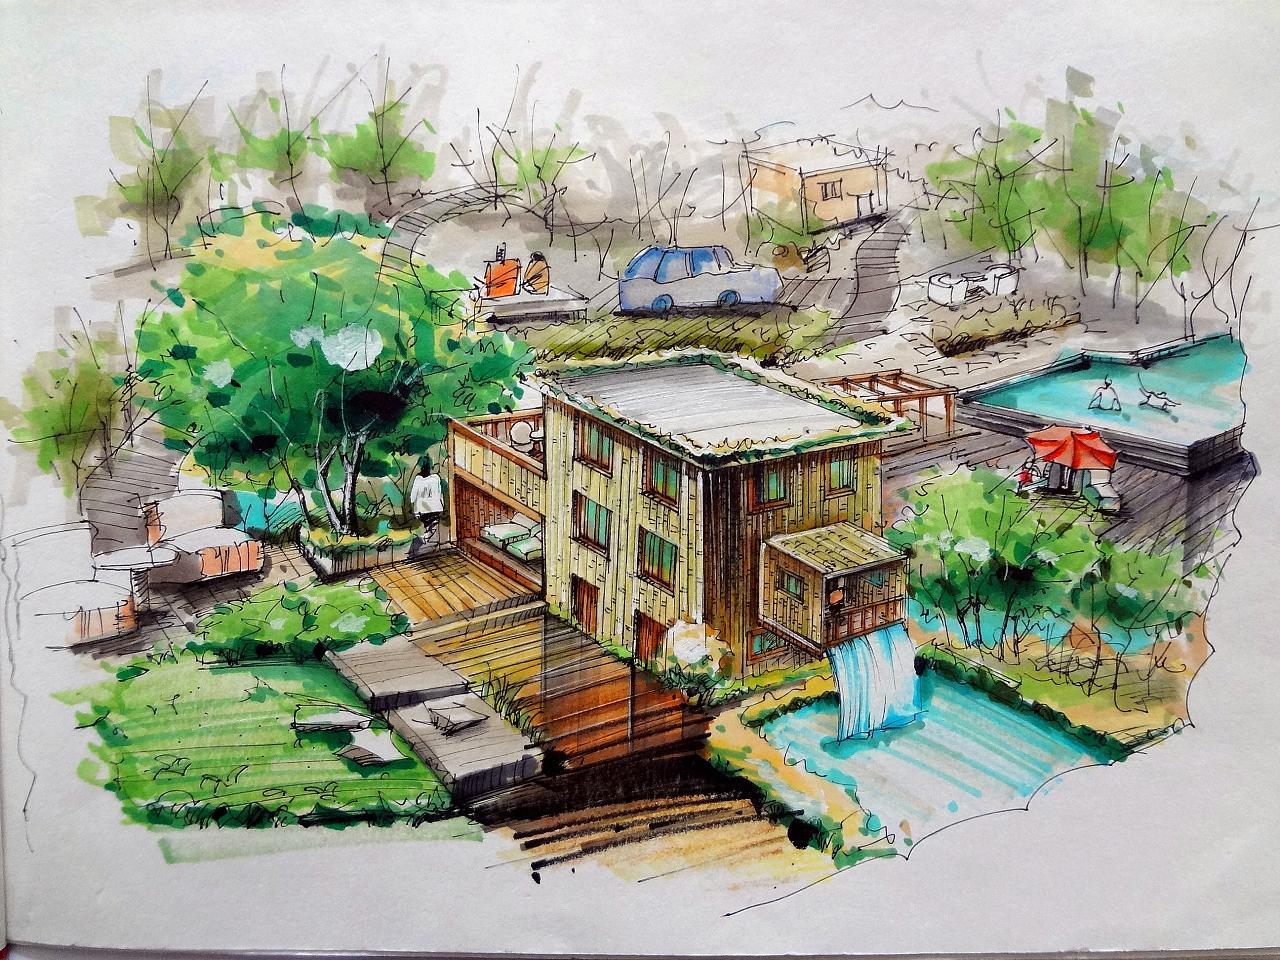 仿生别墅设计手绘|空间|建筑设计|张沫沫1992 - 原创